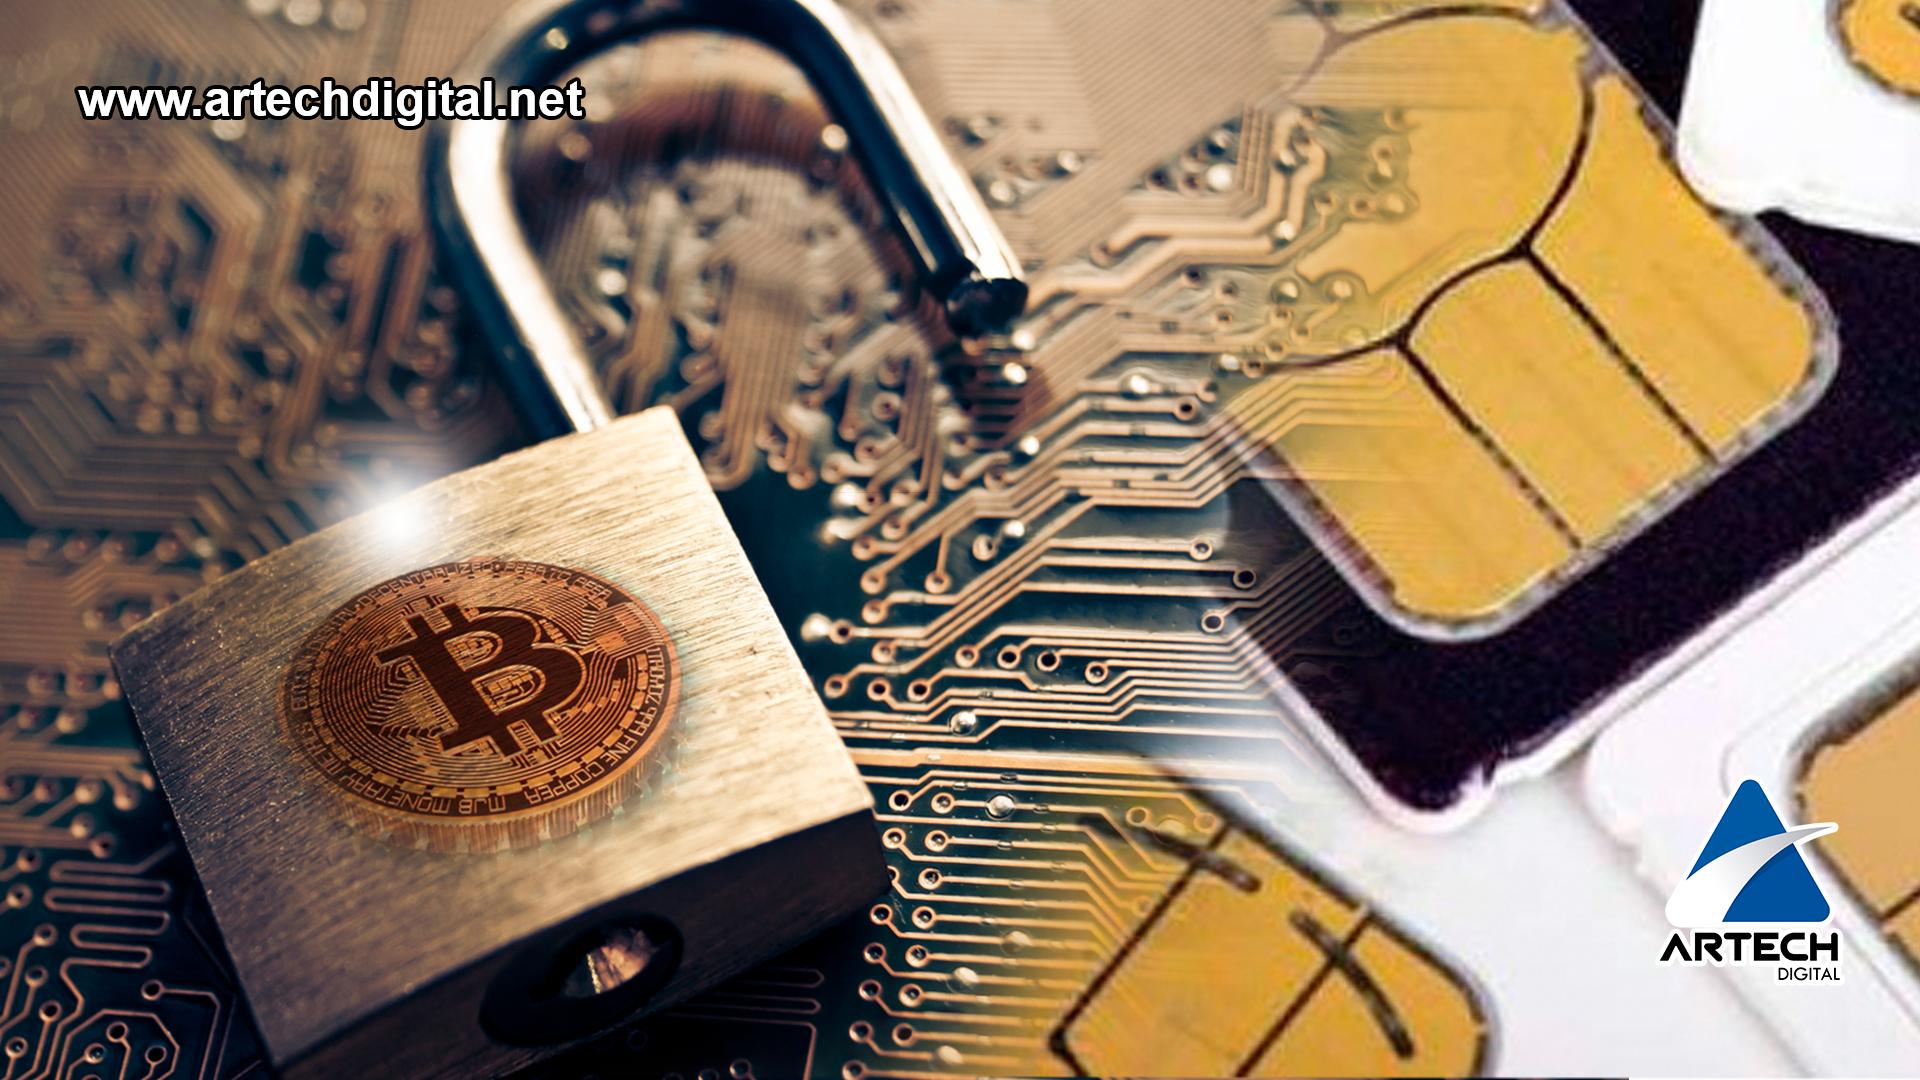 Joven arrestado por el robo de criptomonedas a través del hackeo de «Tarjetas SIM»